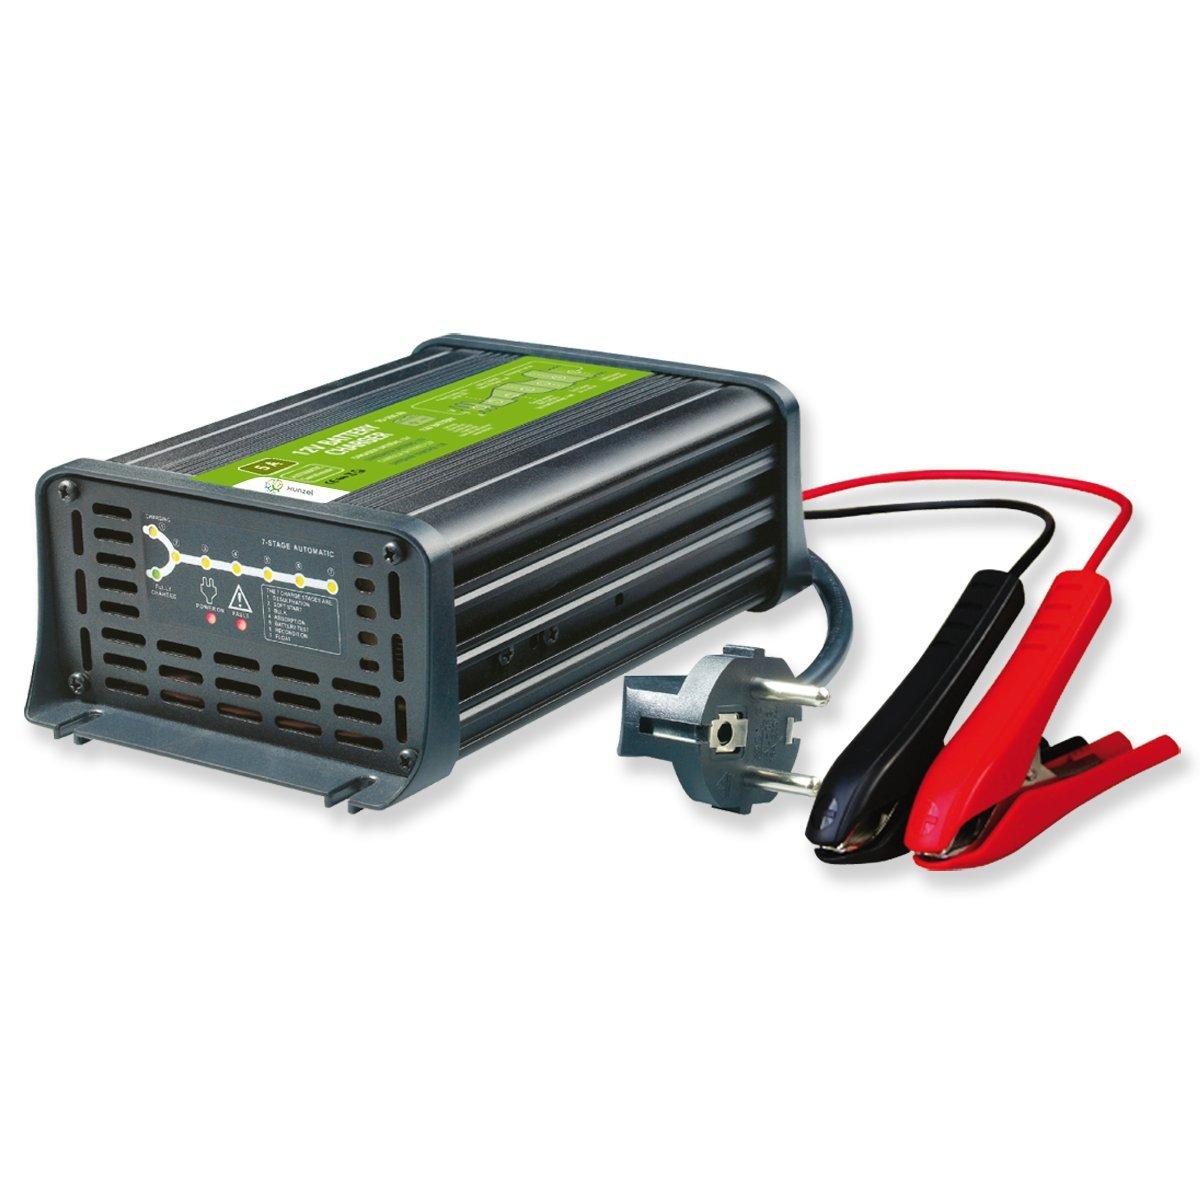 XUNZEL - Cargador Baterias Plomo 12V 10A/70-200Ah DBC1210